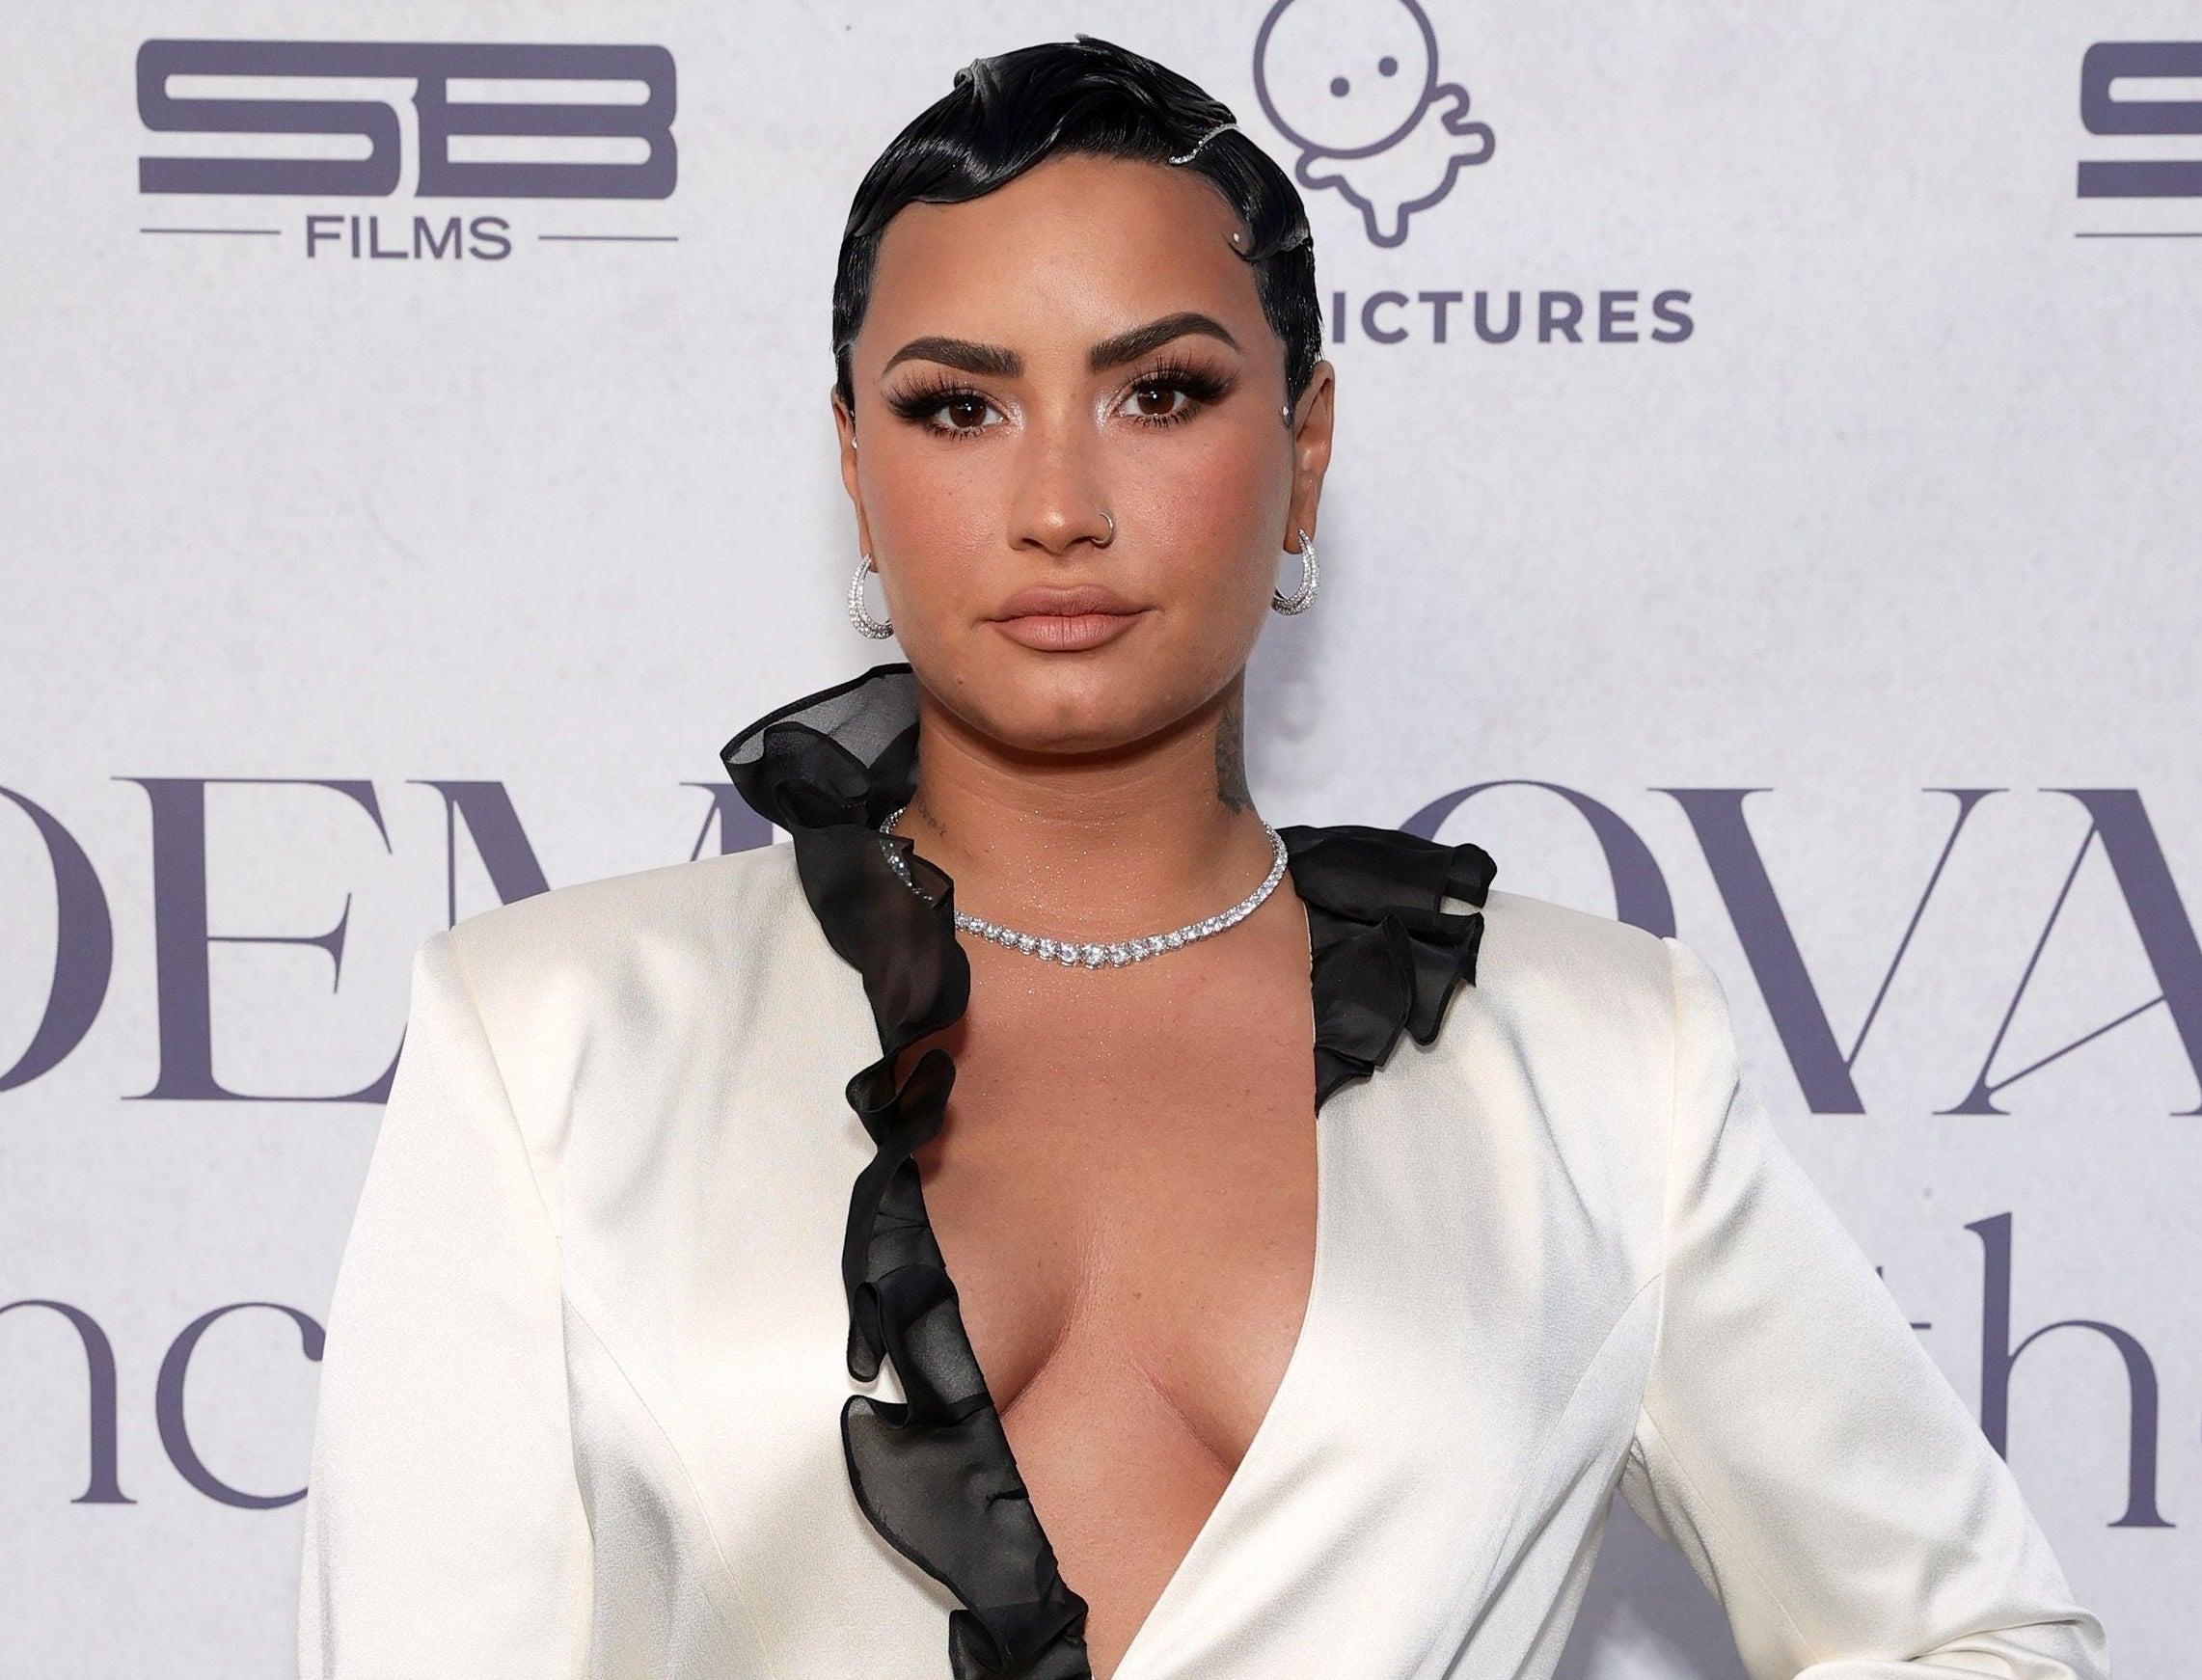 Demi wears a white blazer with black ruffle trim